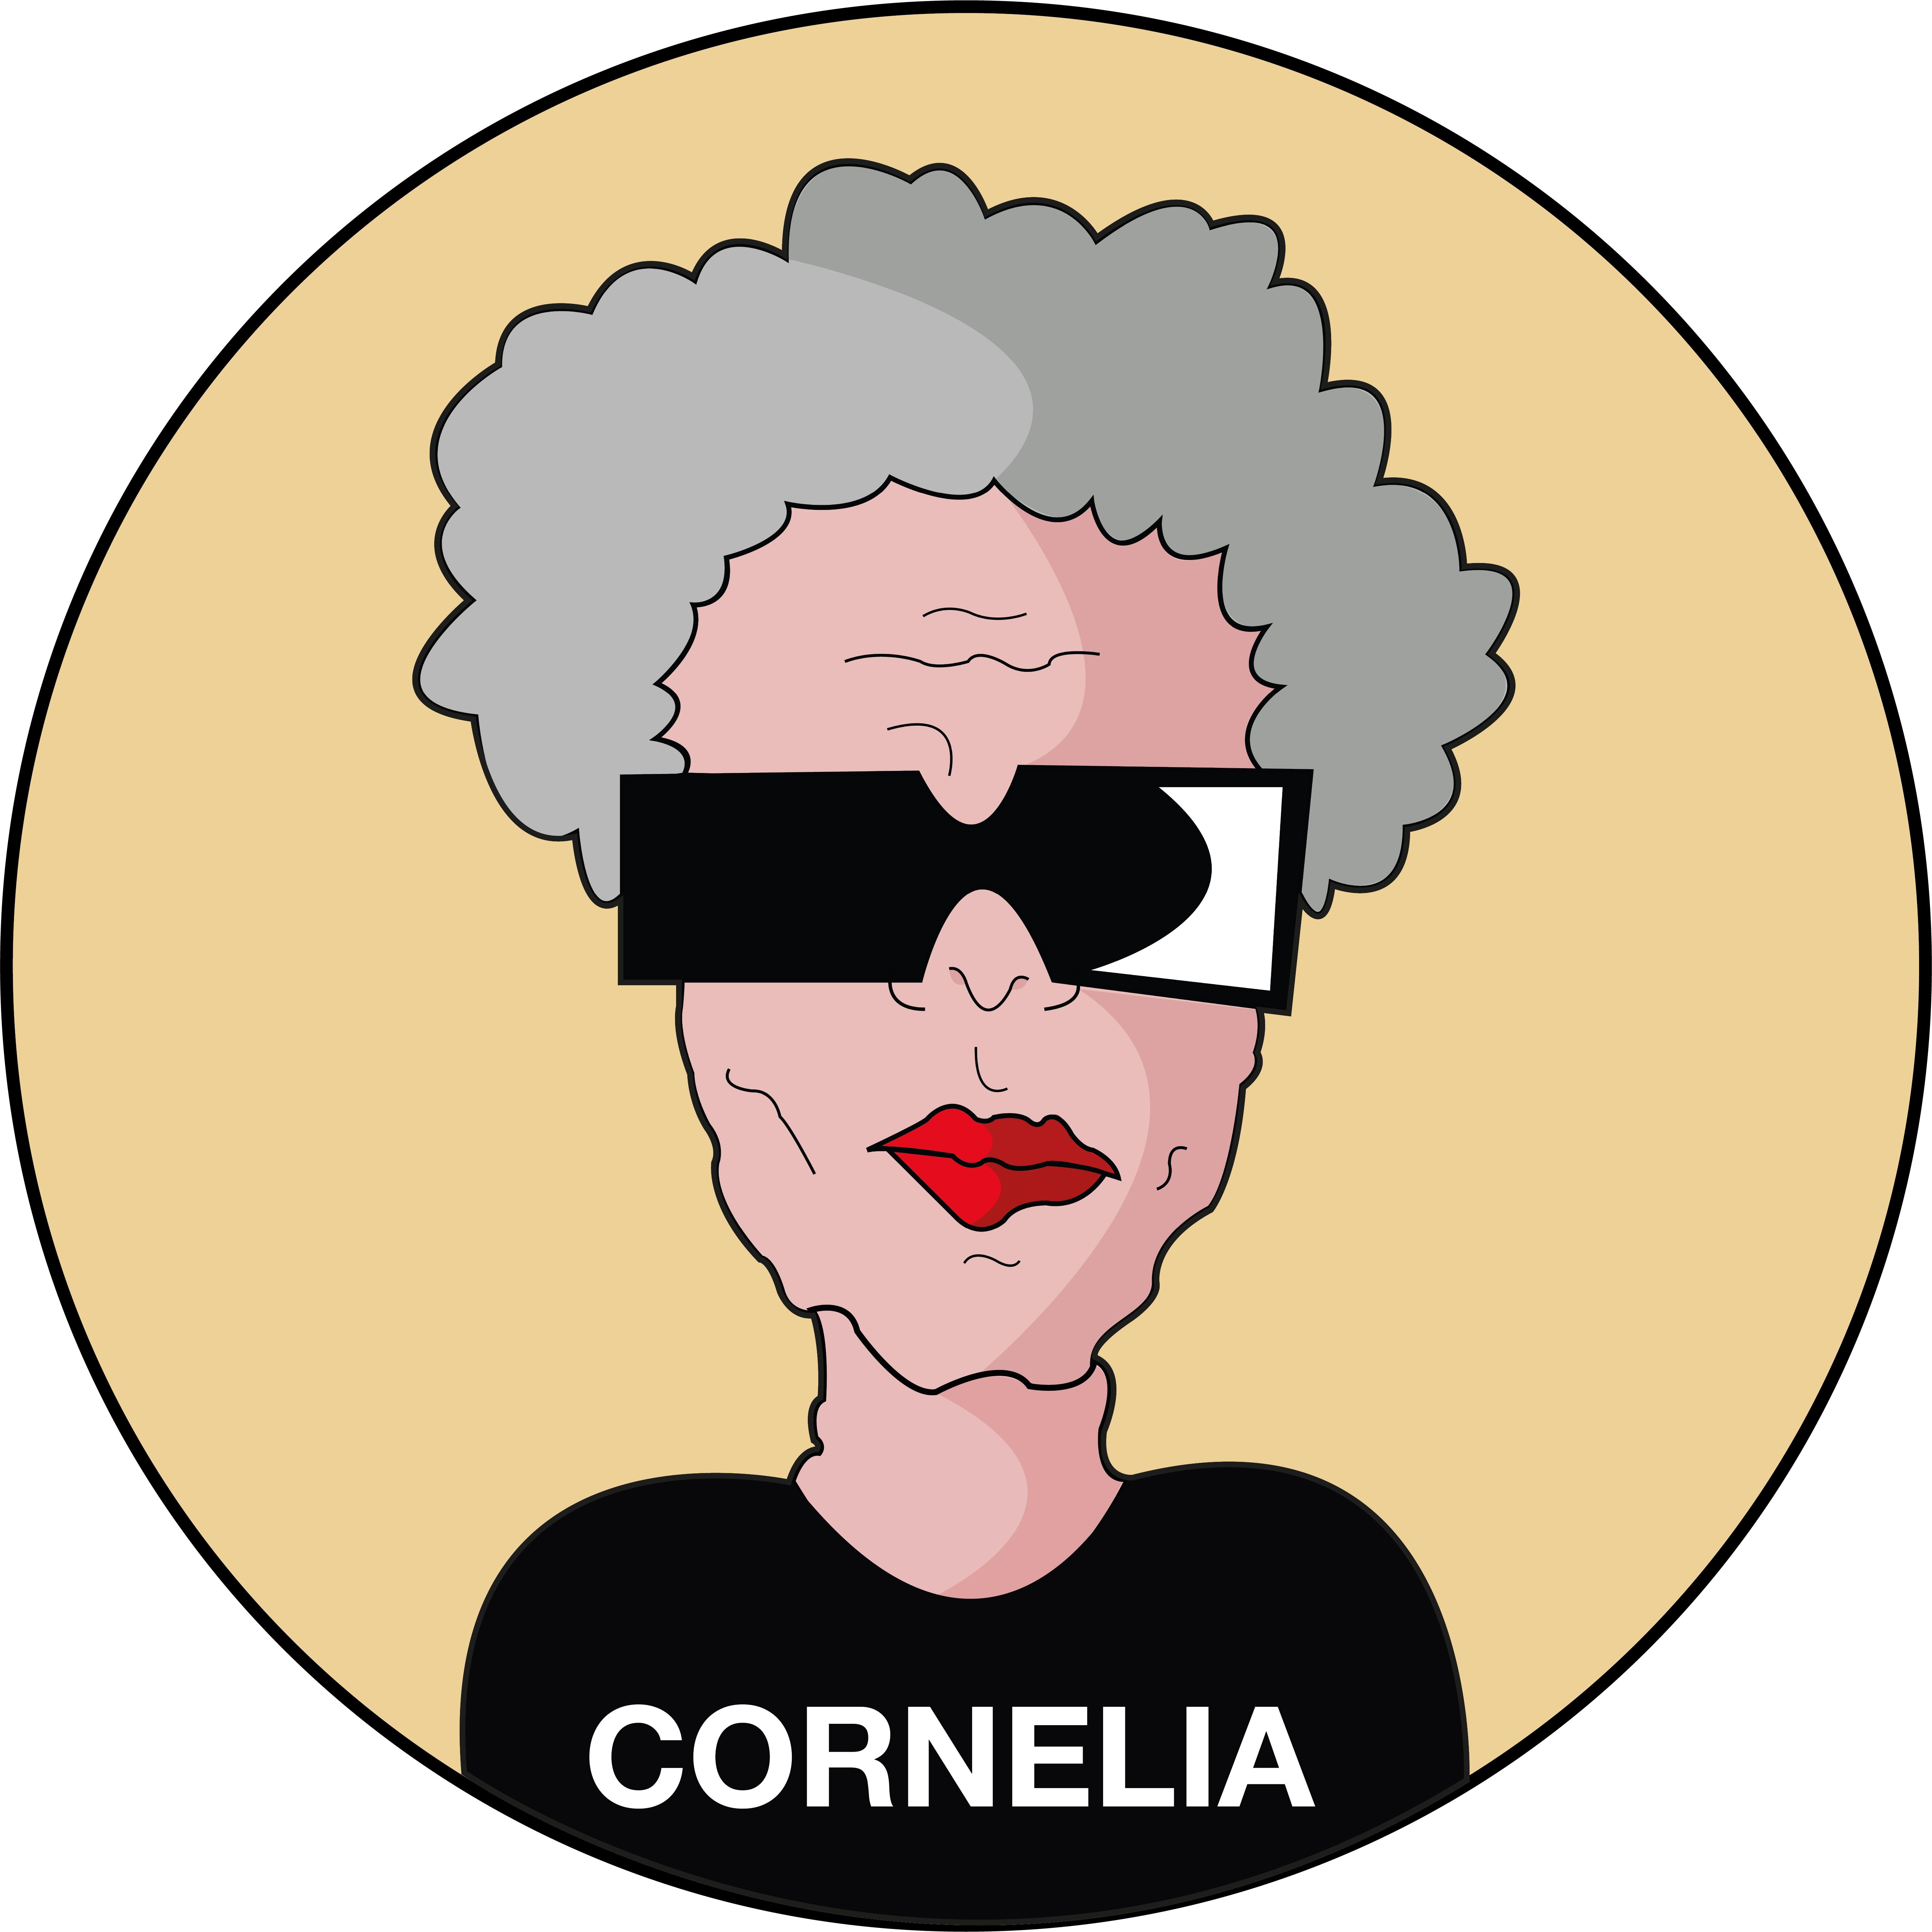 CORNELIA performing arts